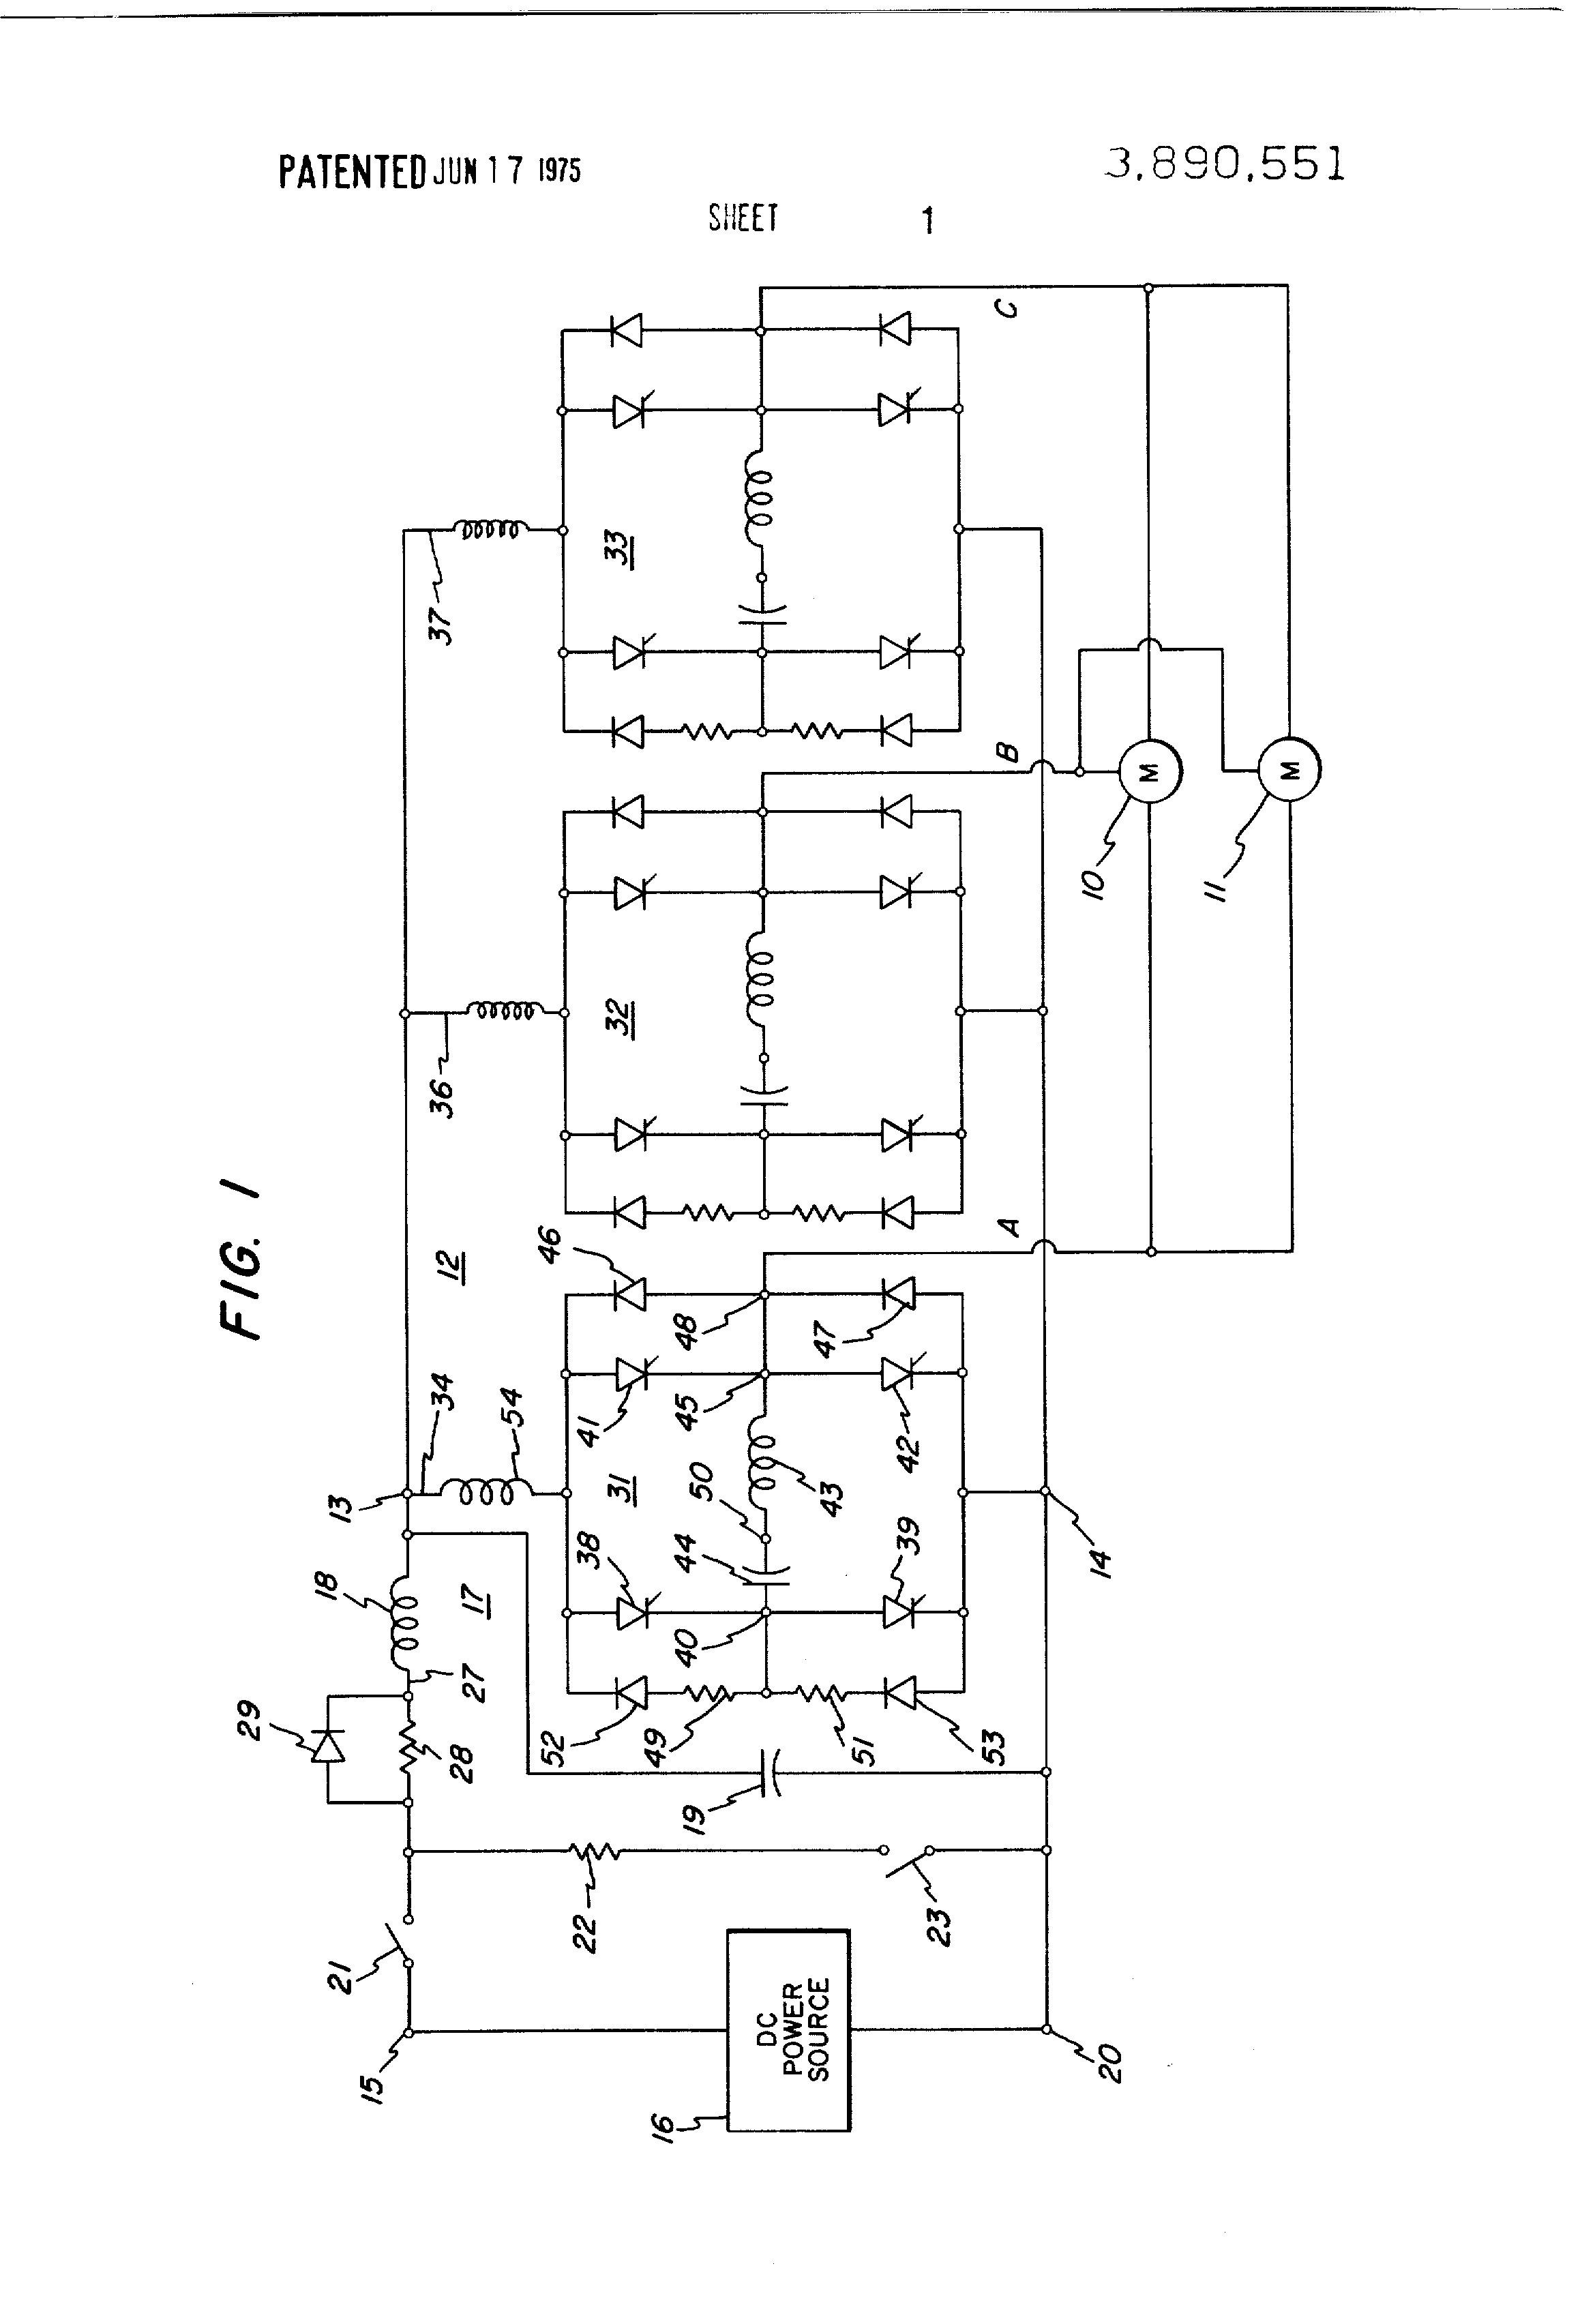 regenerative braking circuit diagram